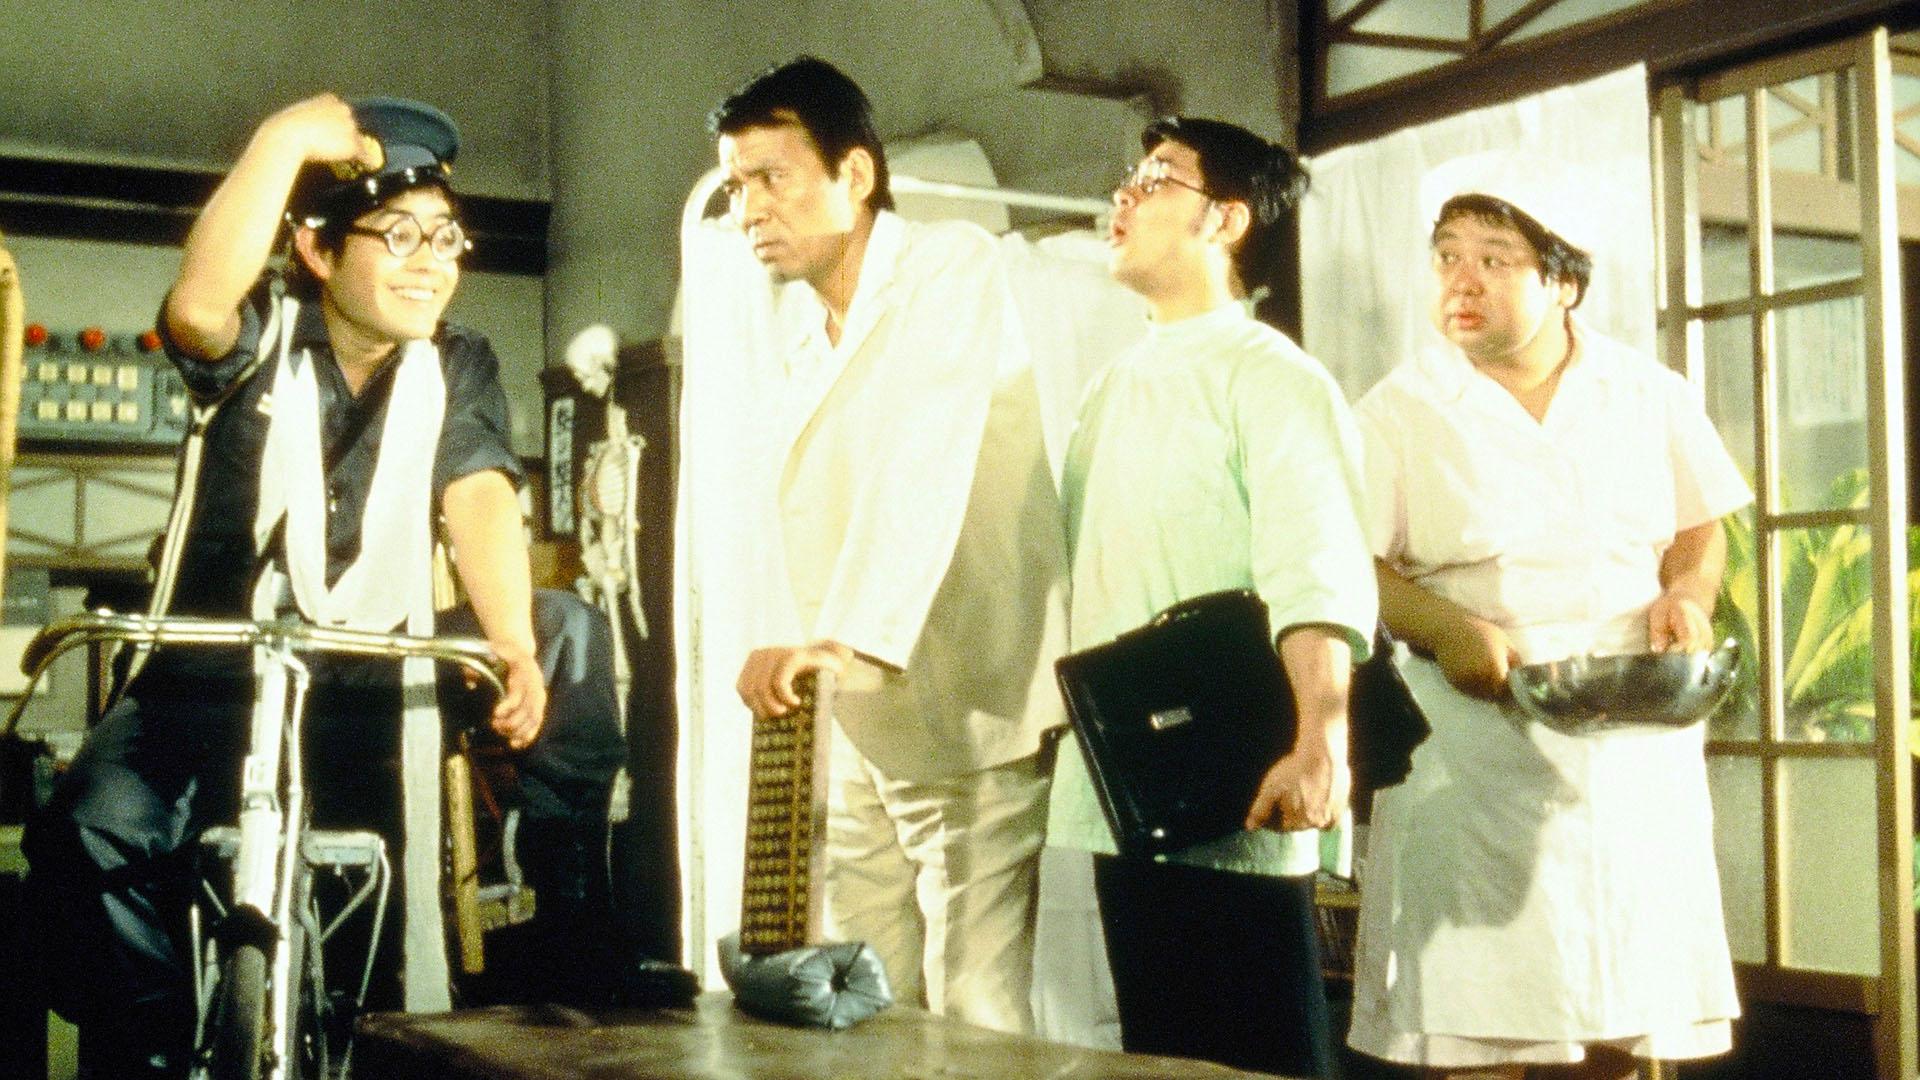 映画「チョットだけョ全員集合!!」【HD初放送&未DVD化作品】